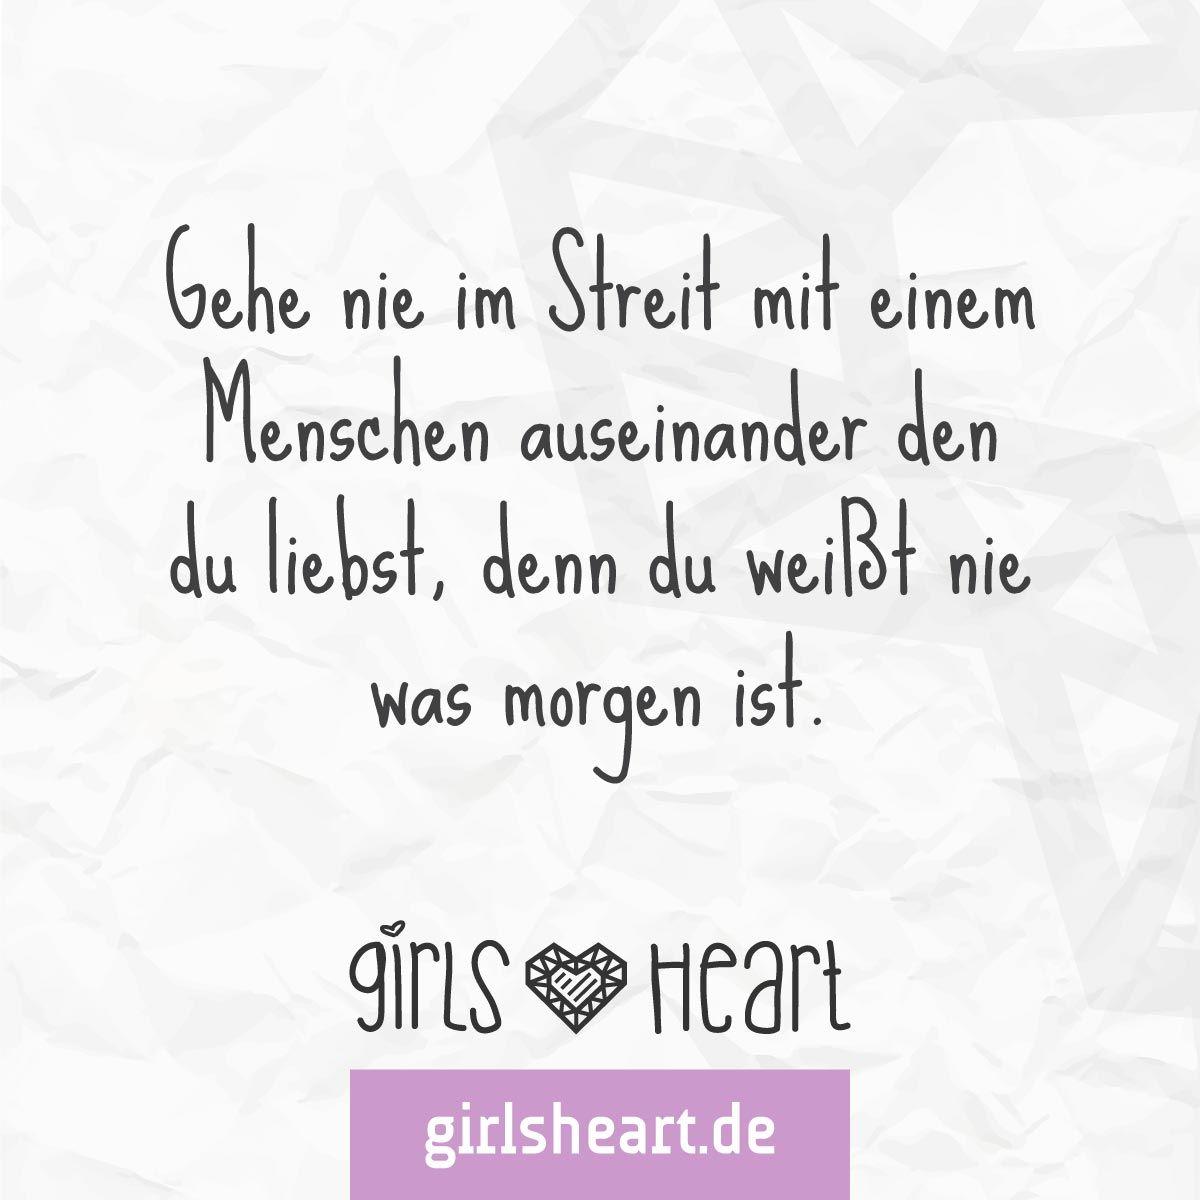 mehr sprüche auf: www.girlsheart.de #streit #liebe #geliebt